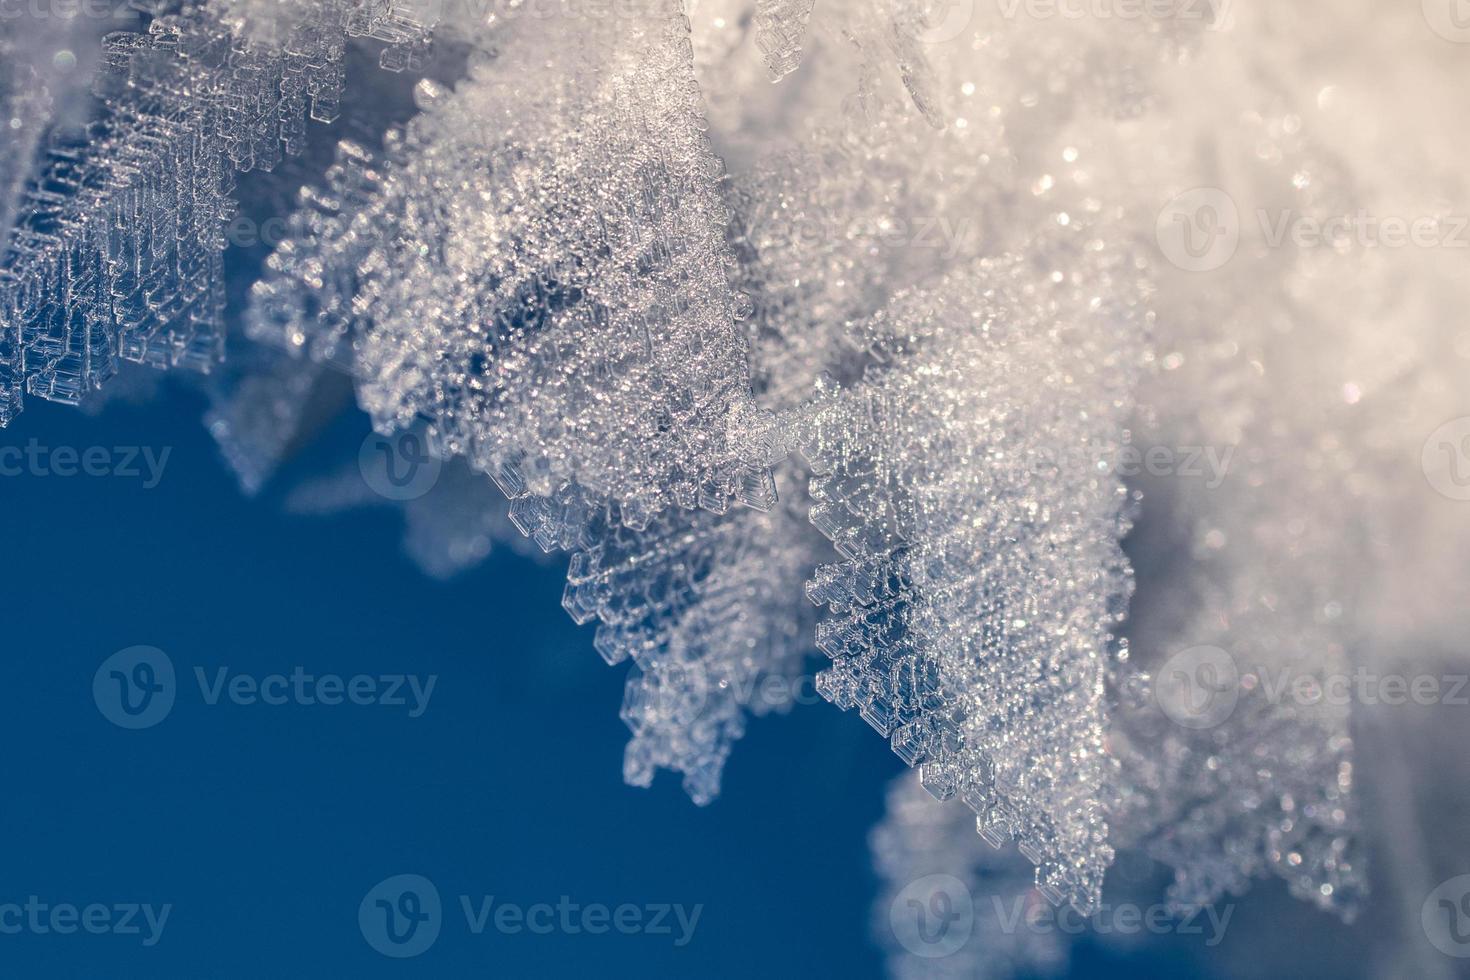 Nahaufnahme von Eiskristallen gegen einen blauen Himmel foto